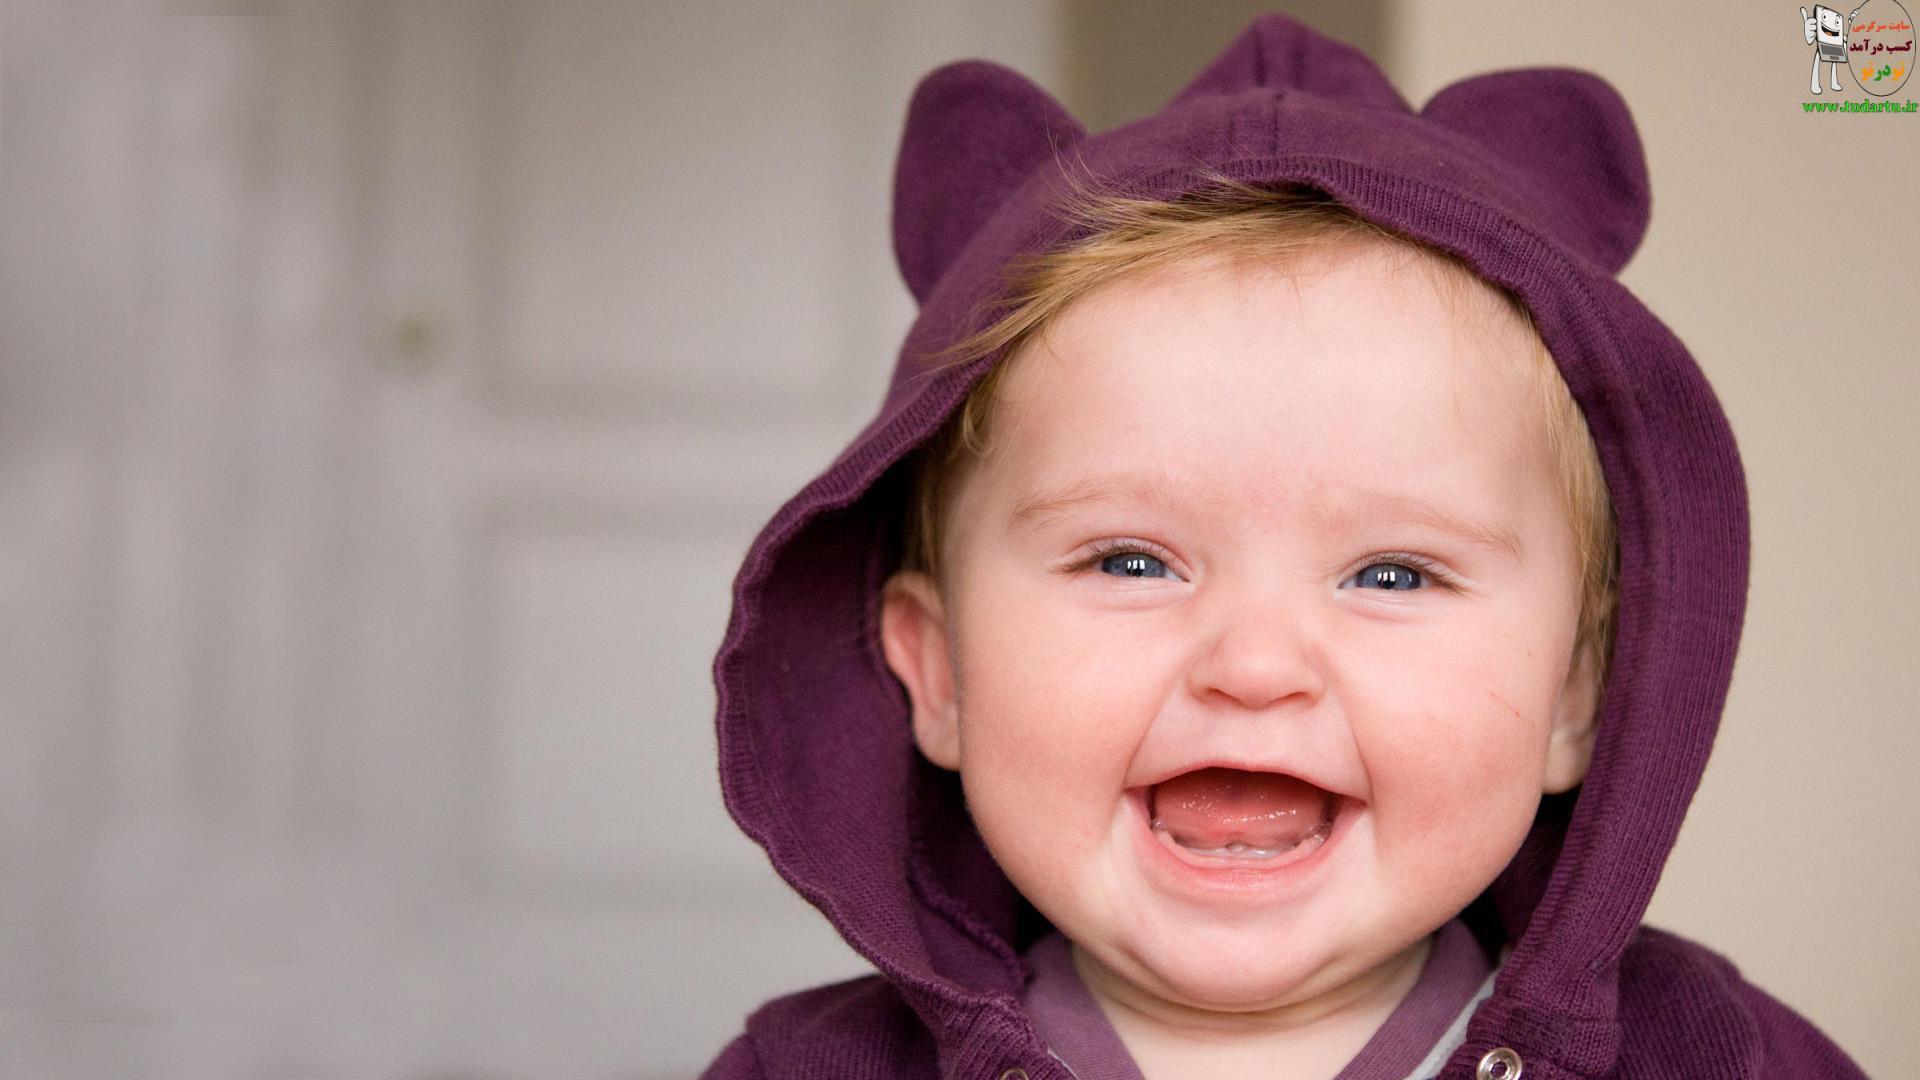 4 والپیپر از بچه کوچولوهای ناز و خوشکل | babies HD wallpaper